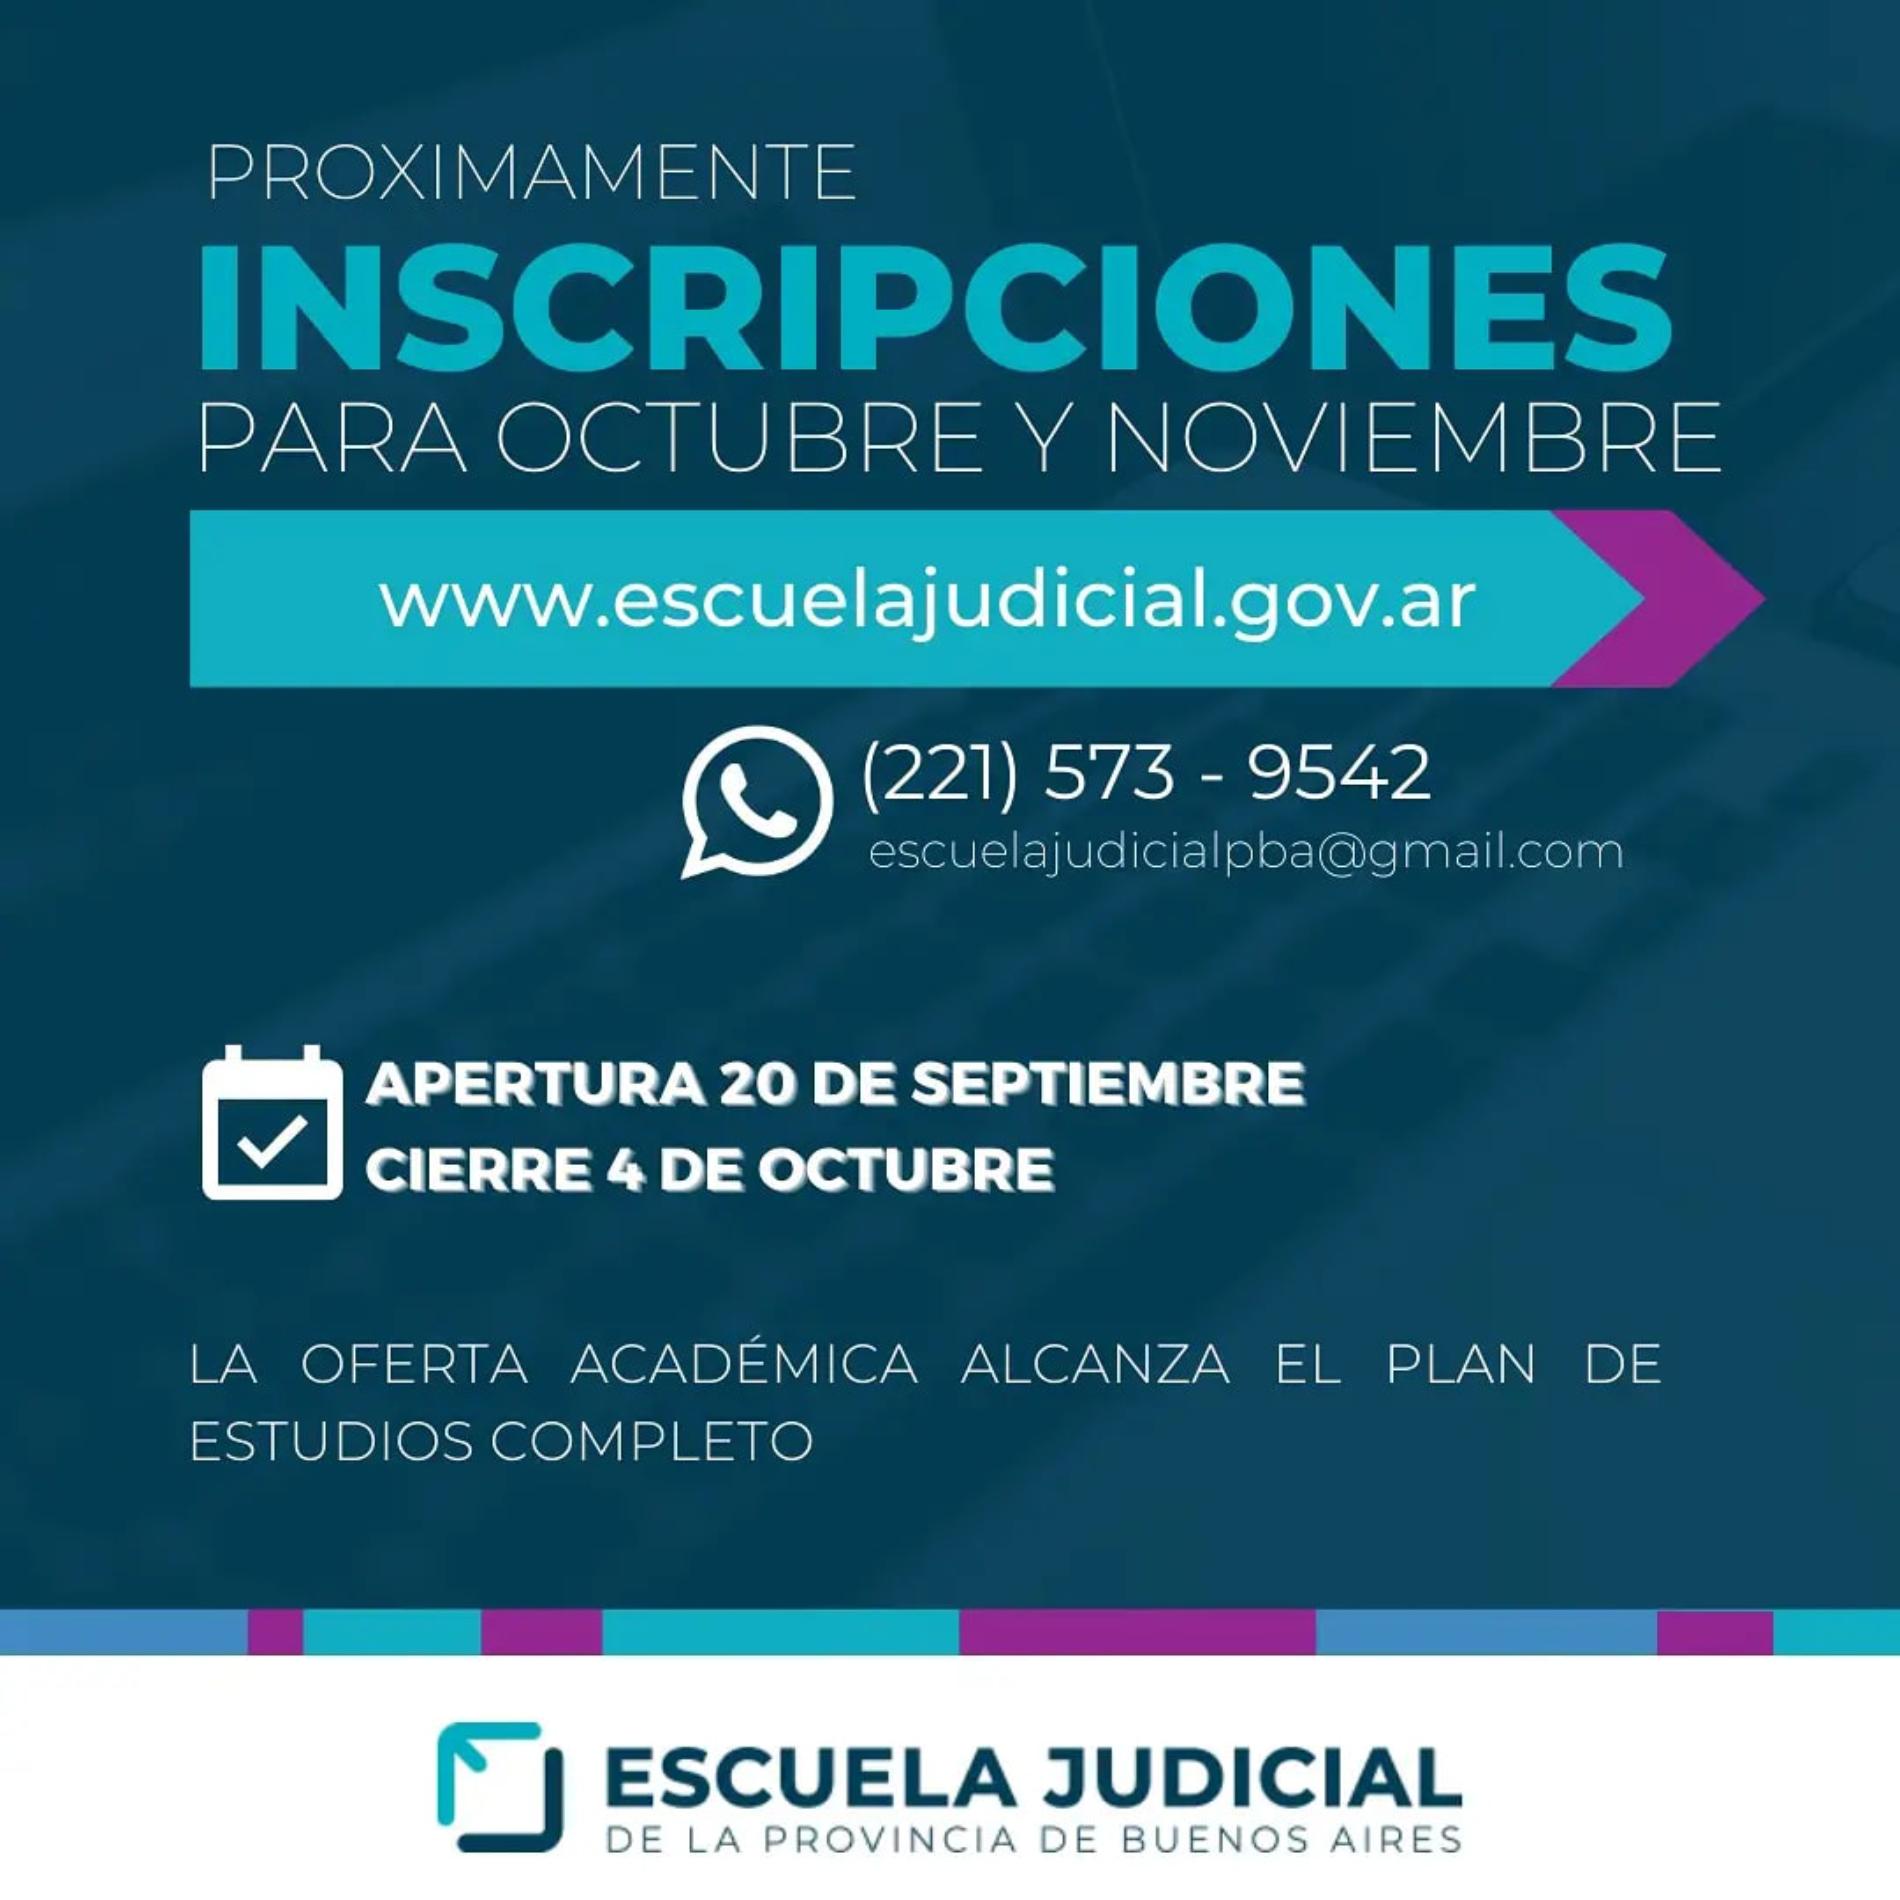 Inscripciones: Cursos curriculares y extracurriculares de Octubre/Noviembre -Escuela Judicial Provincia de Buenos Aires-